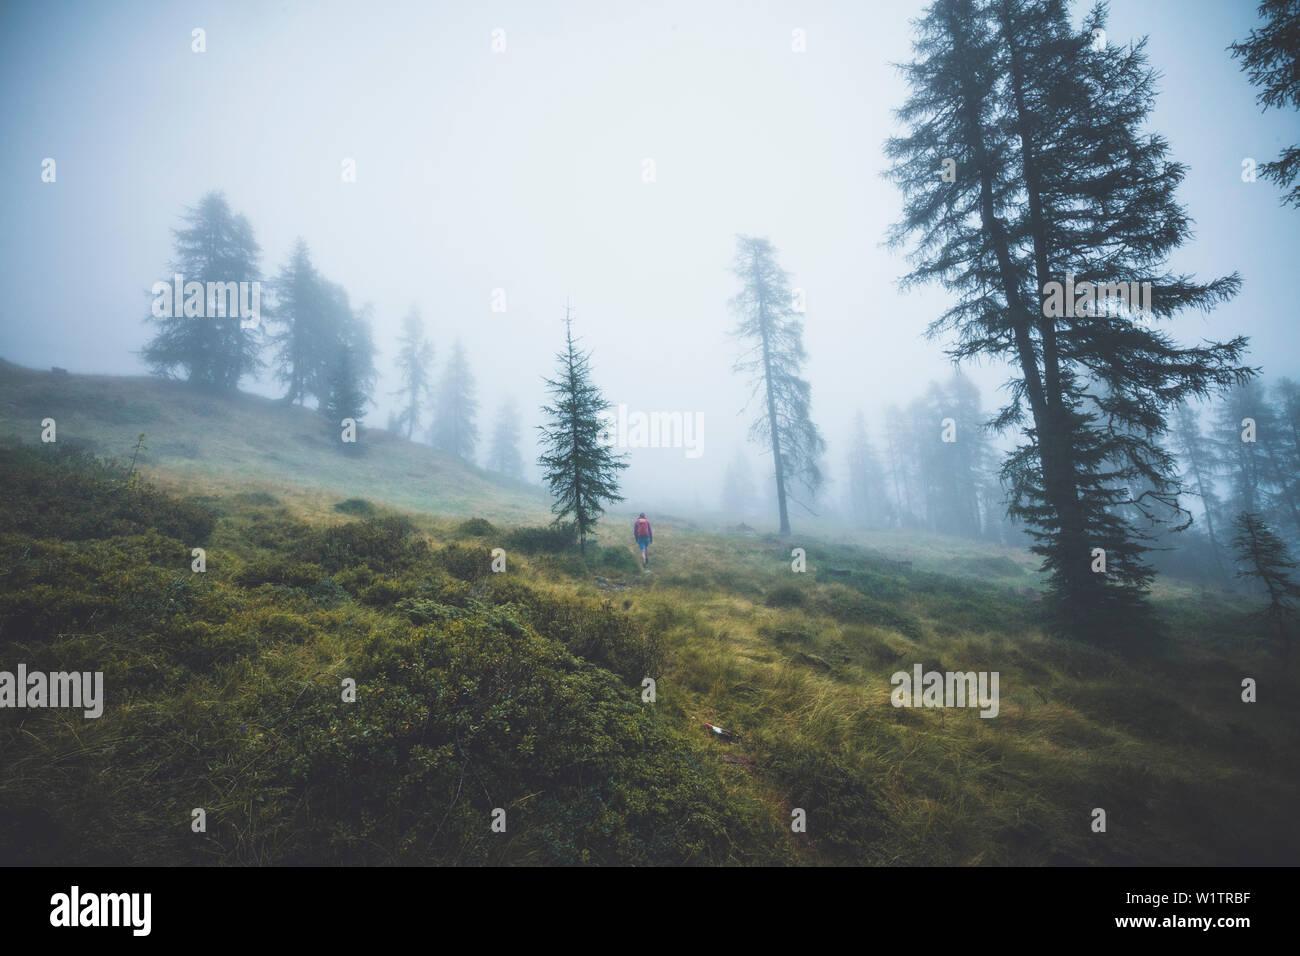 Climber in the misty forest, E5, Alpenüberquerung, 4th stage, Skihütte Zams,Pitztal,Lacheralm, Wenns, Gletscherstube, Zams to Braunschweiger Hütte, ty - Stock Image